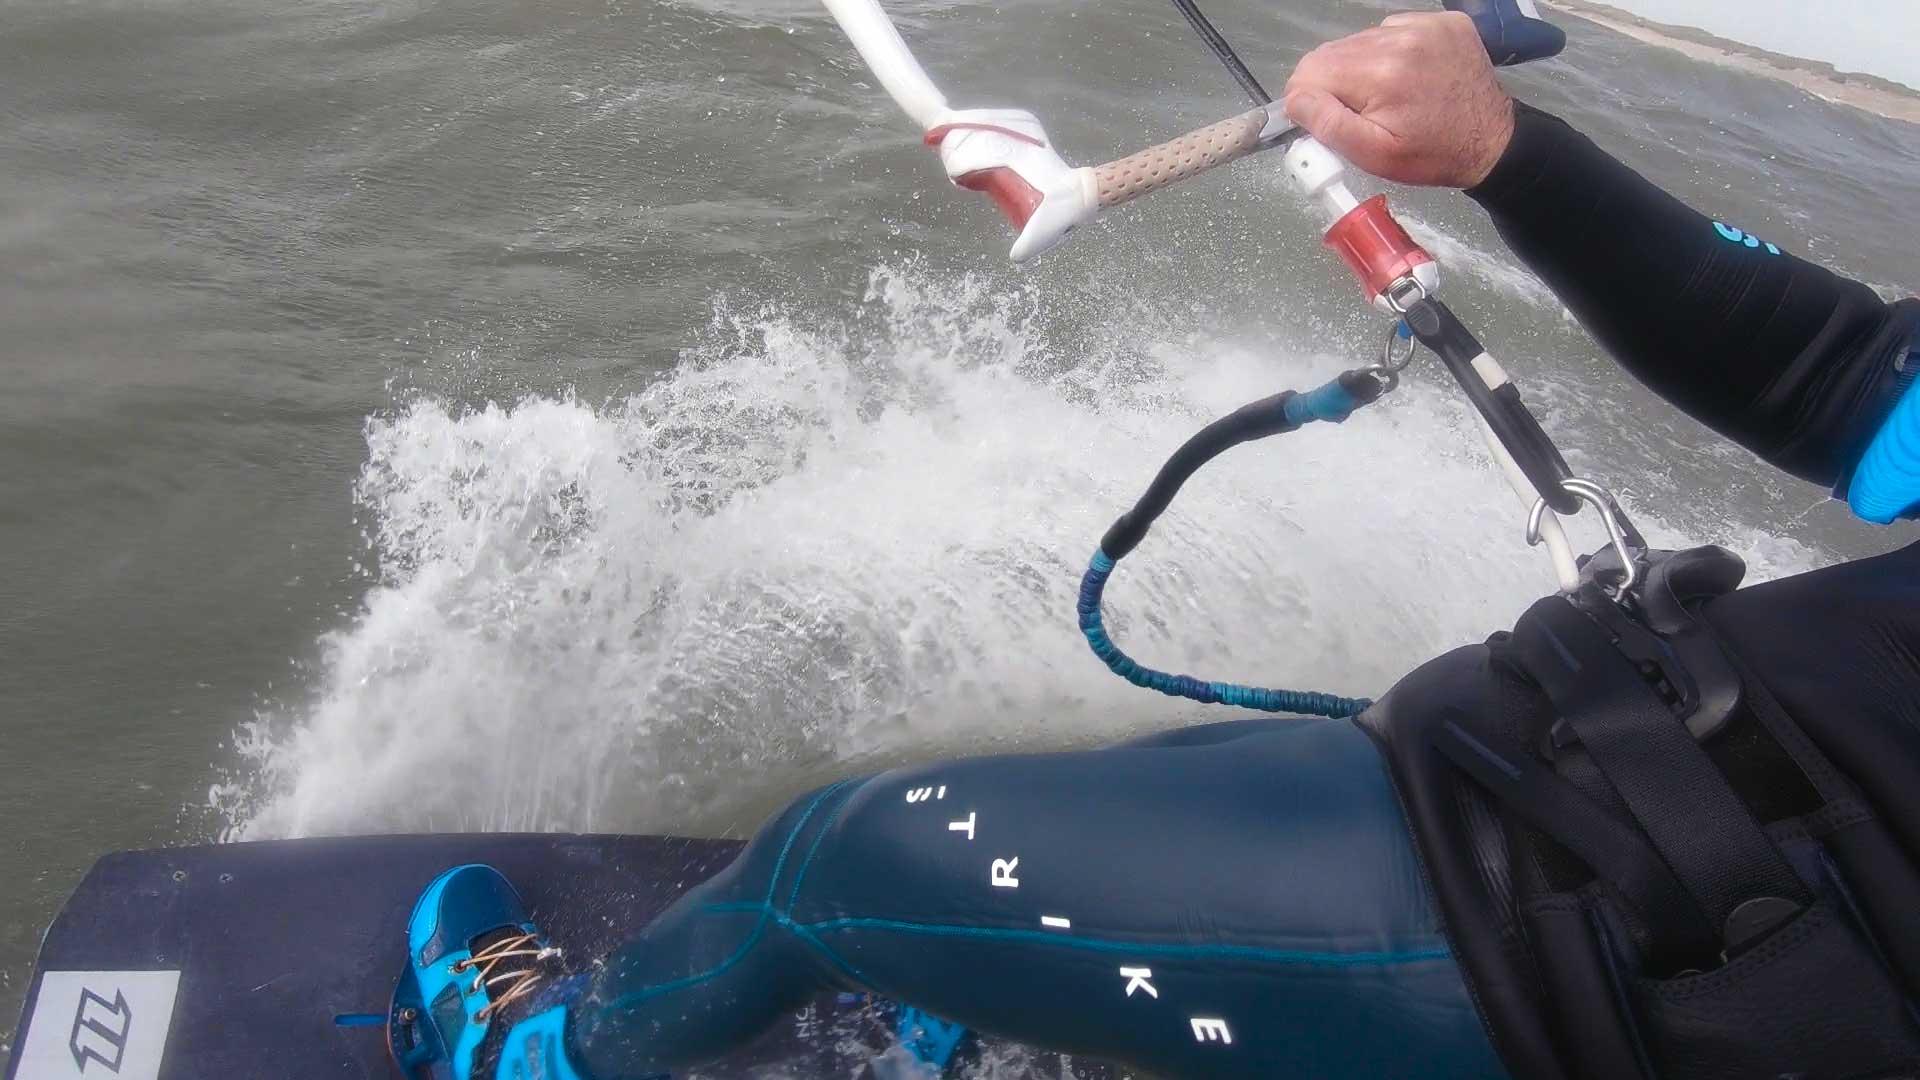 Kitesurf video blog 4